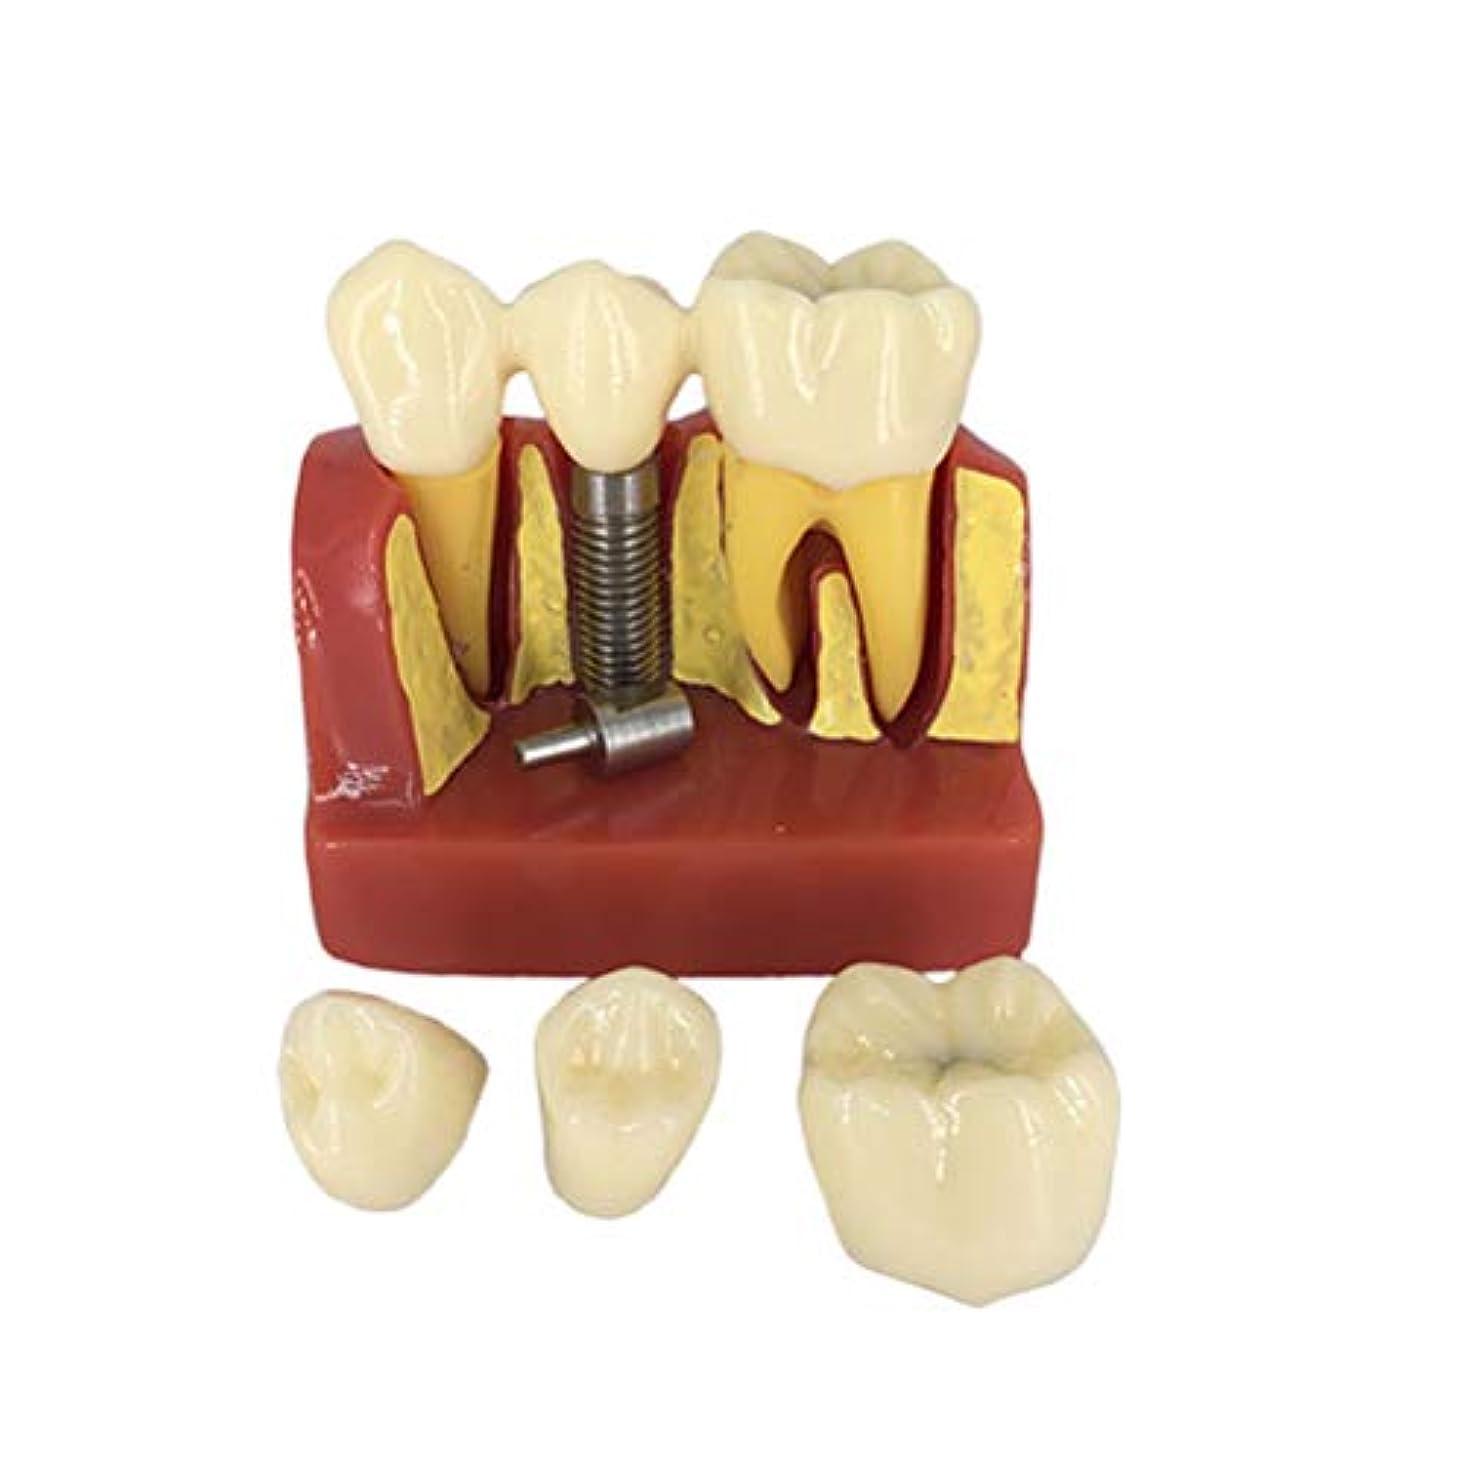 近似注入からかうHEALIFTY デンタルデモンストレーション歯モデルデンタルモードを教える標準的な研究